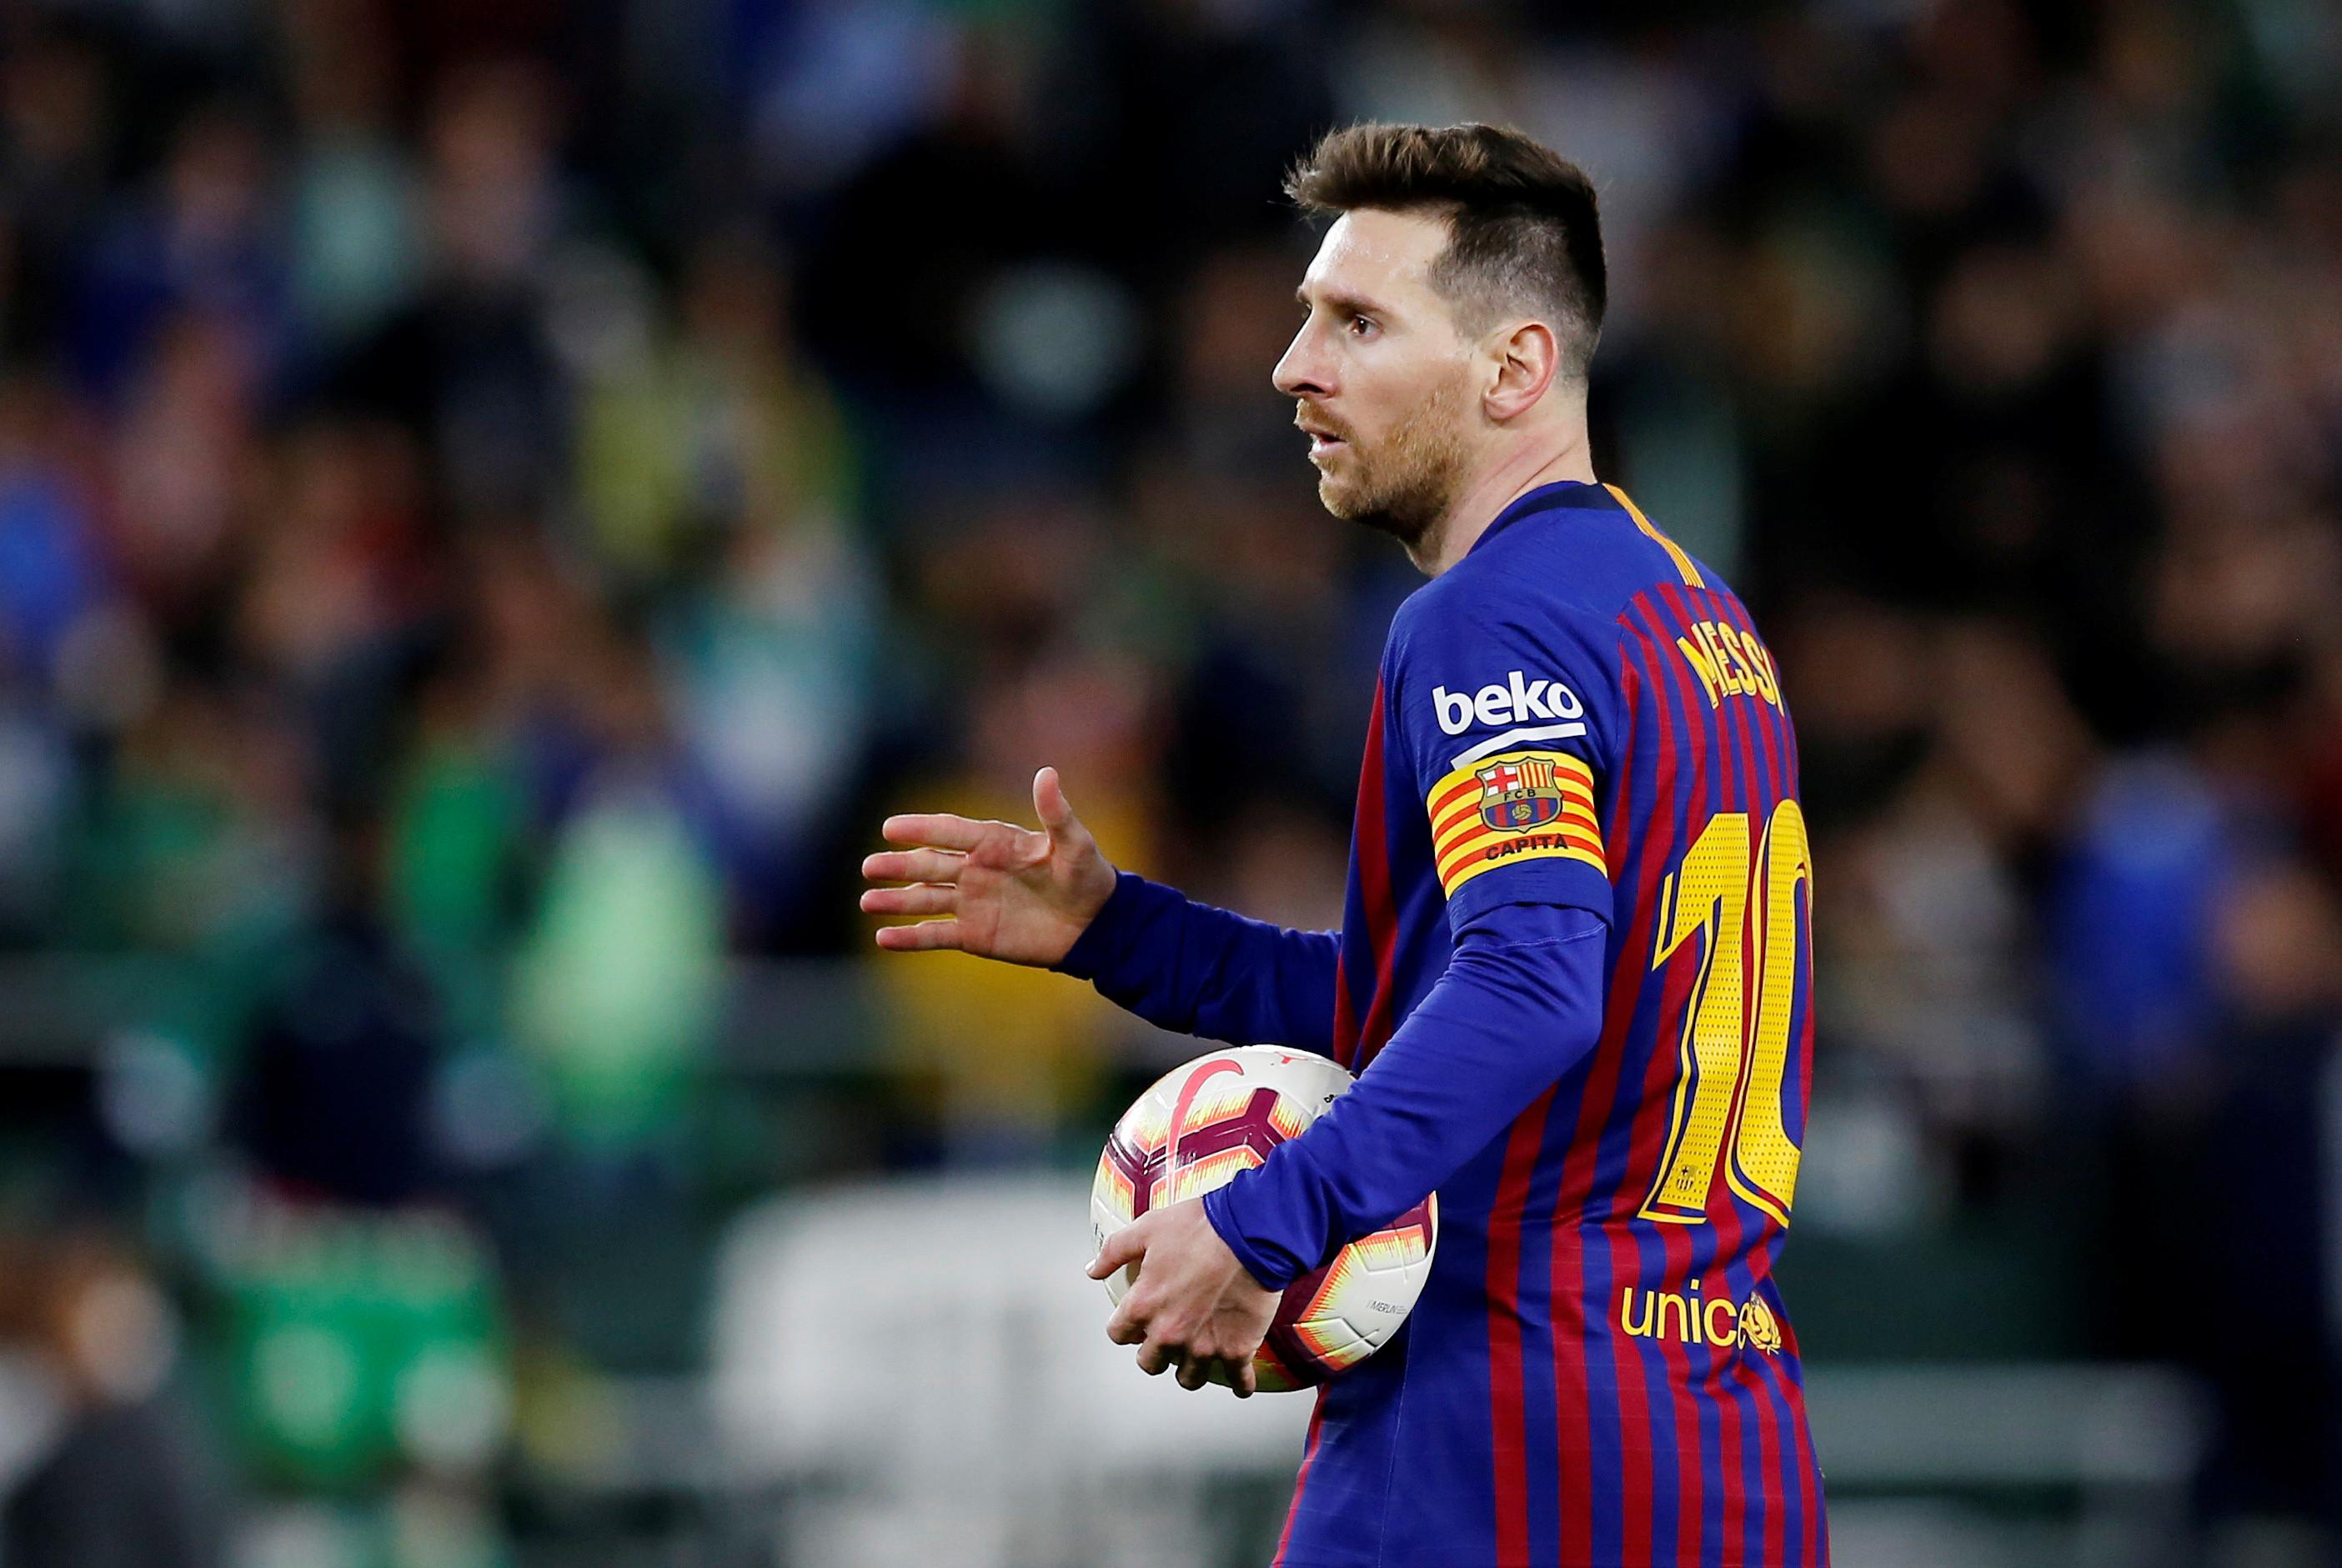 Messi marca por cobertura e faz torcida adversária gritar o seu nome